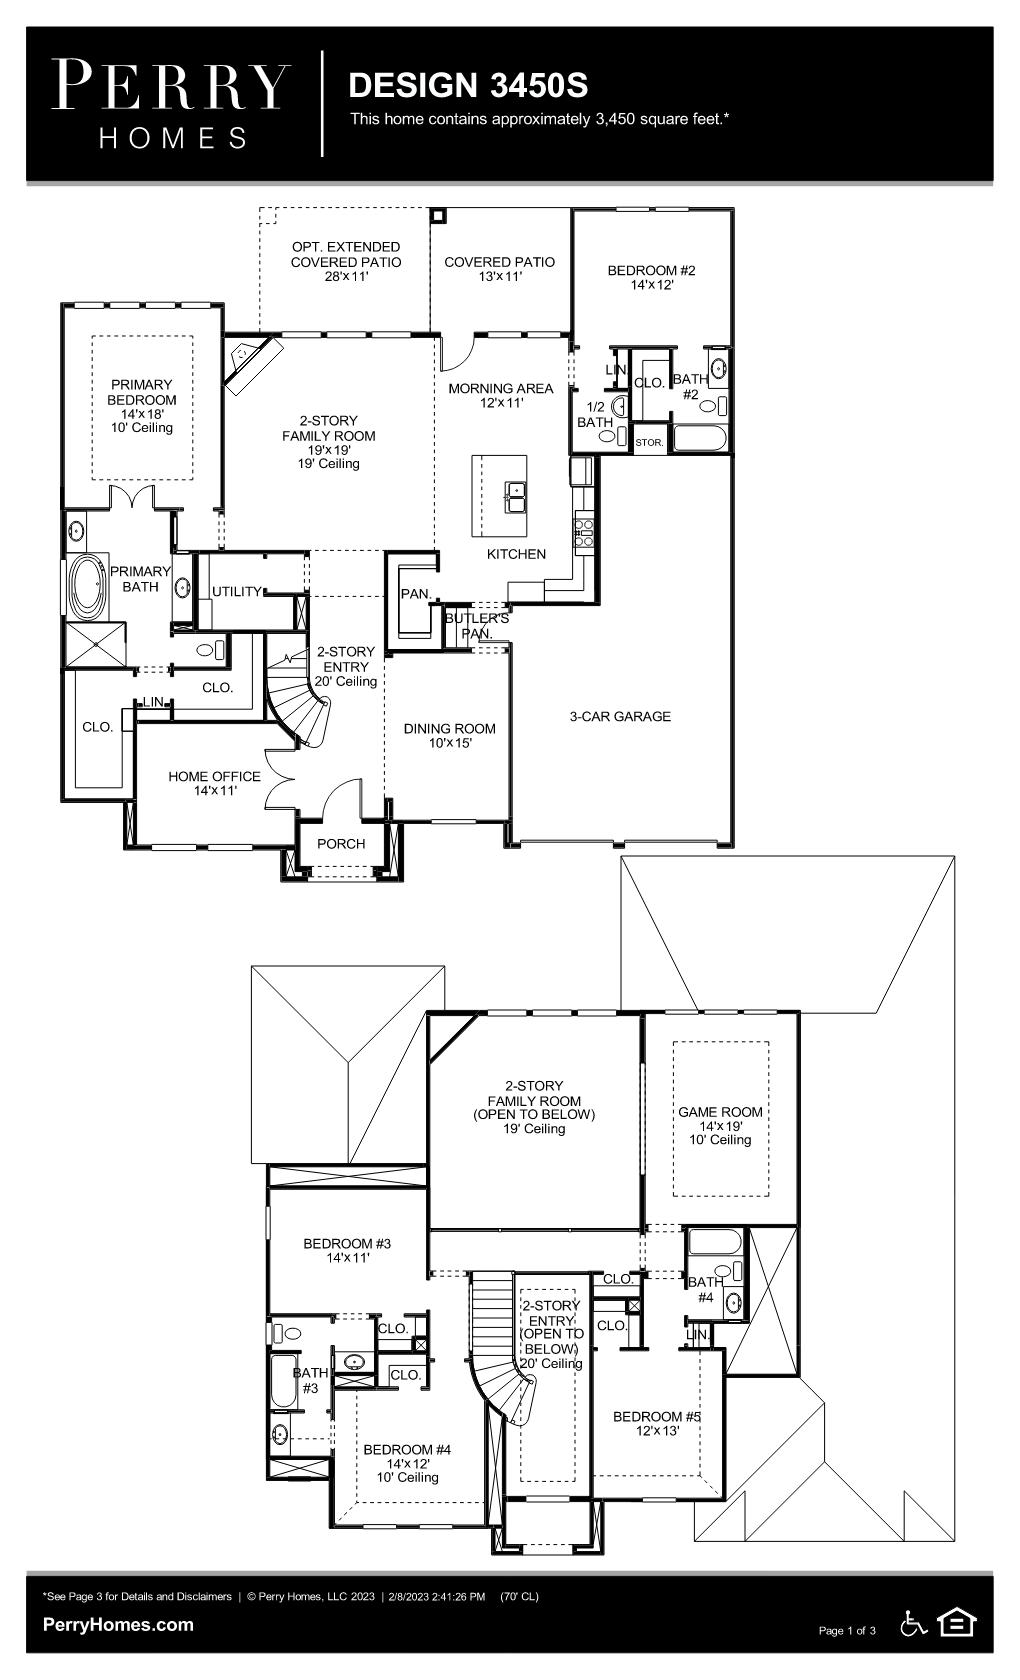 Floor Plan for 3450S